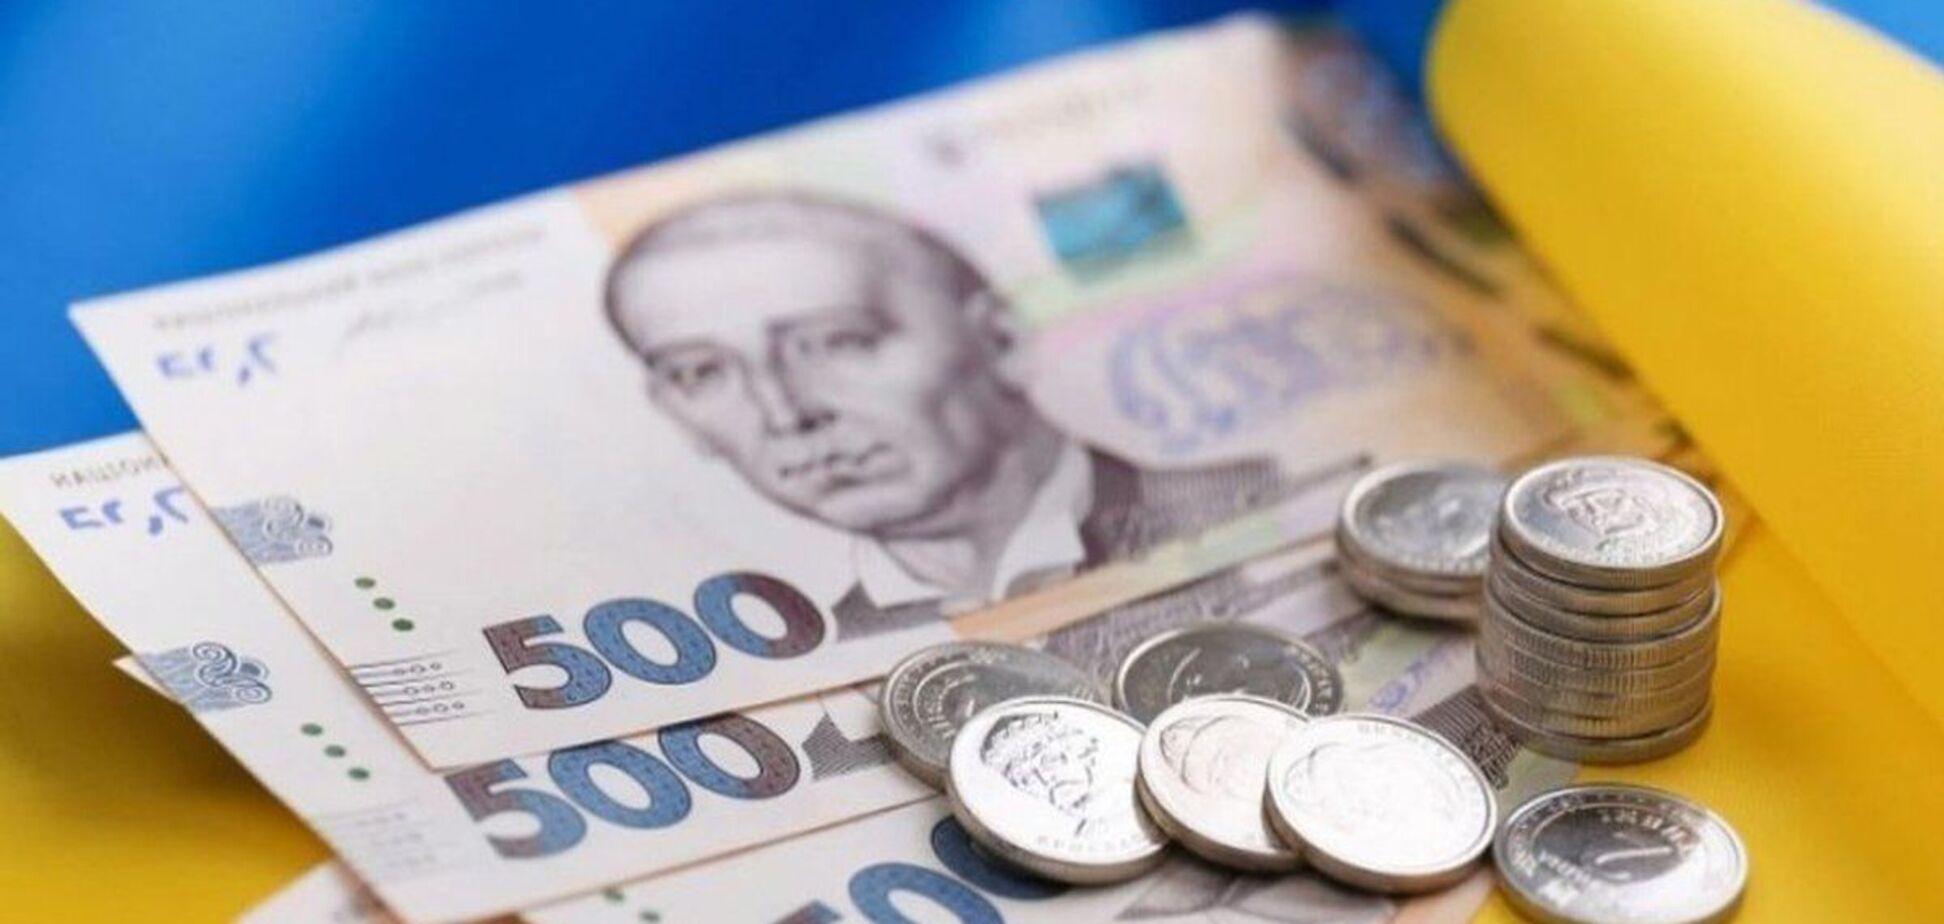 'Європейська Солідарність' закликала збільшити витрати на субсидії на 7 млрд грн